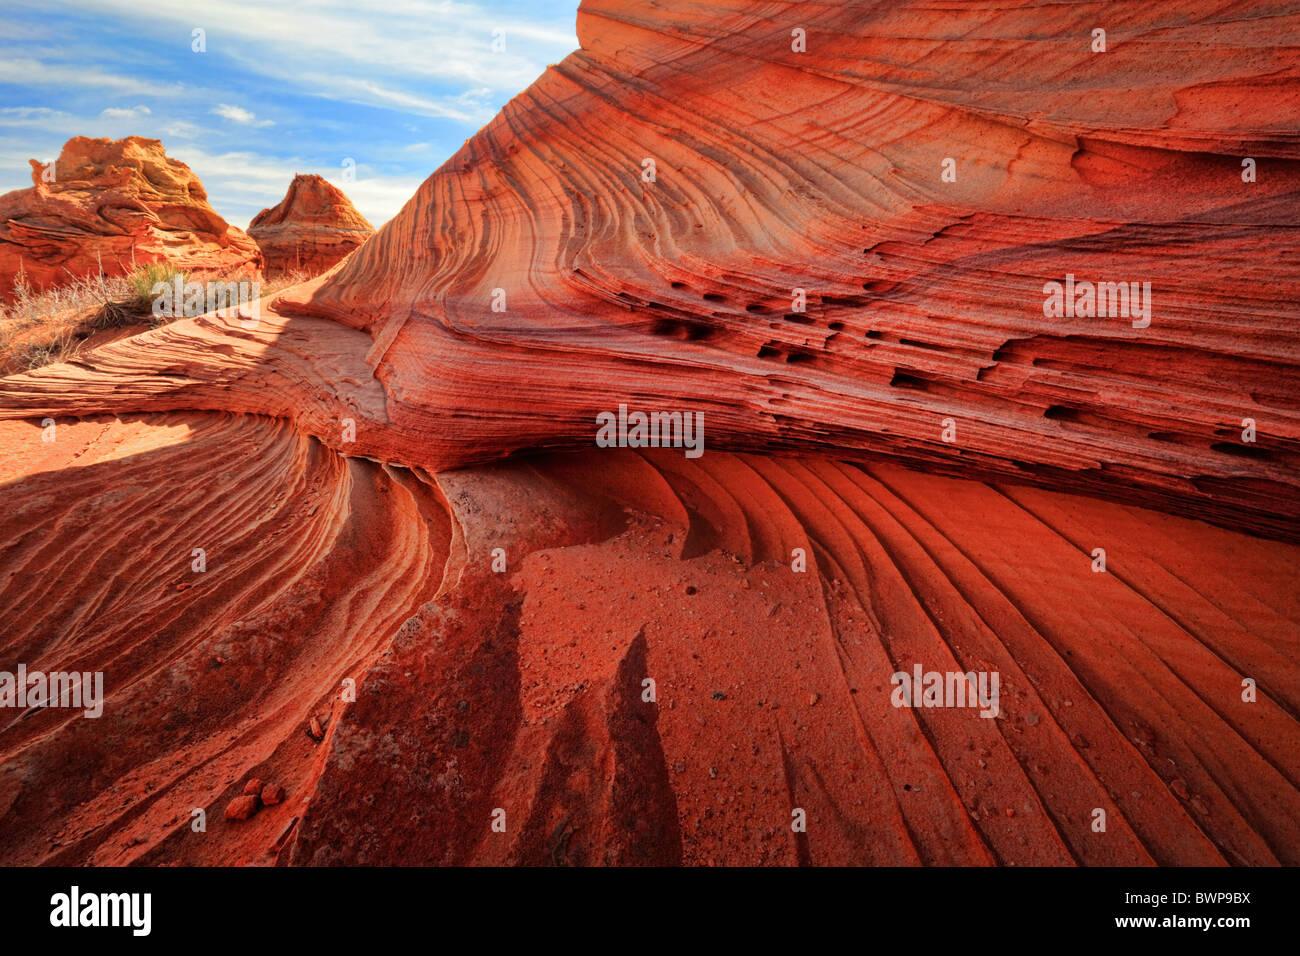 Formaciones rocosas en el Vermilion Cliffs National Monument, Arizona Foto de stock